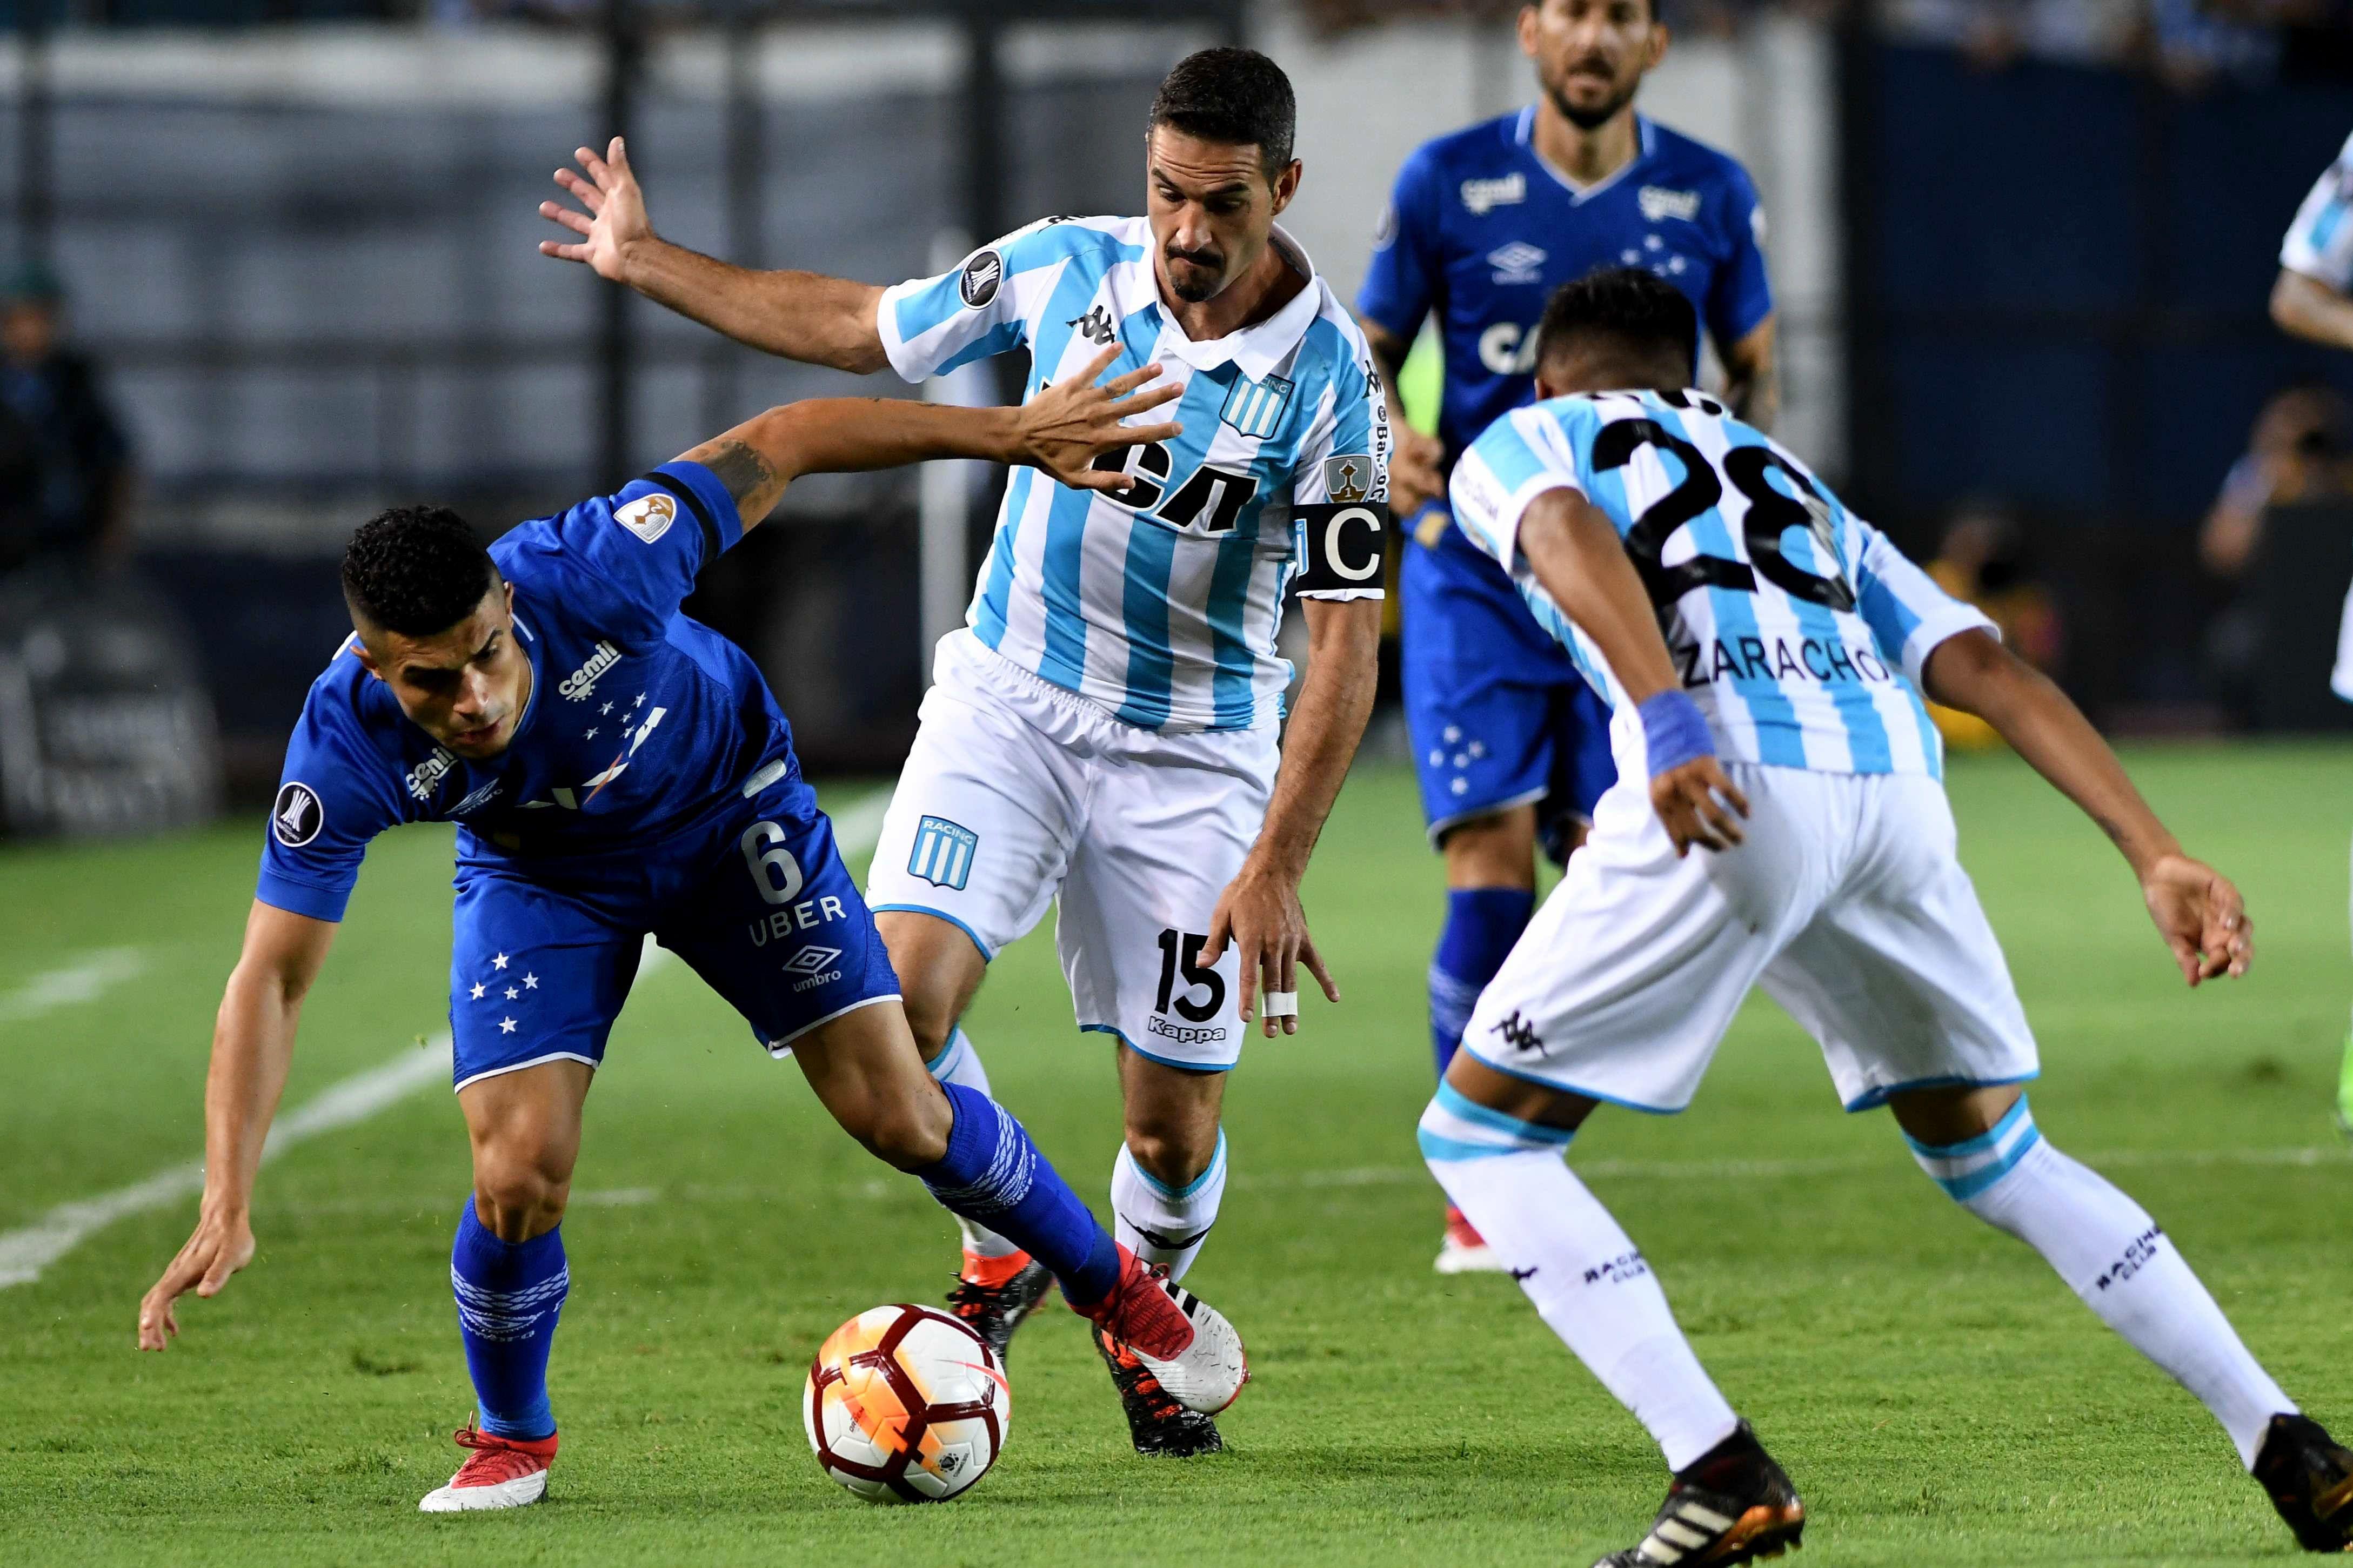 Racing y Cruzeiro en el Cilindro de Avellaneda